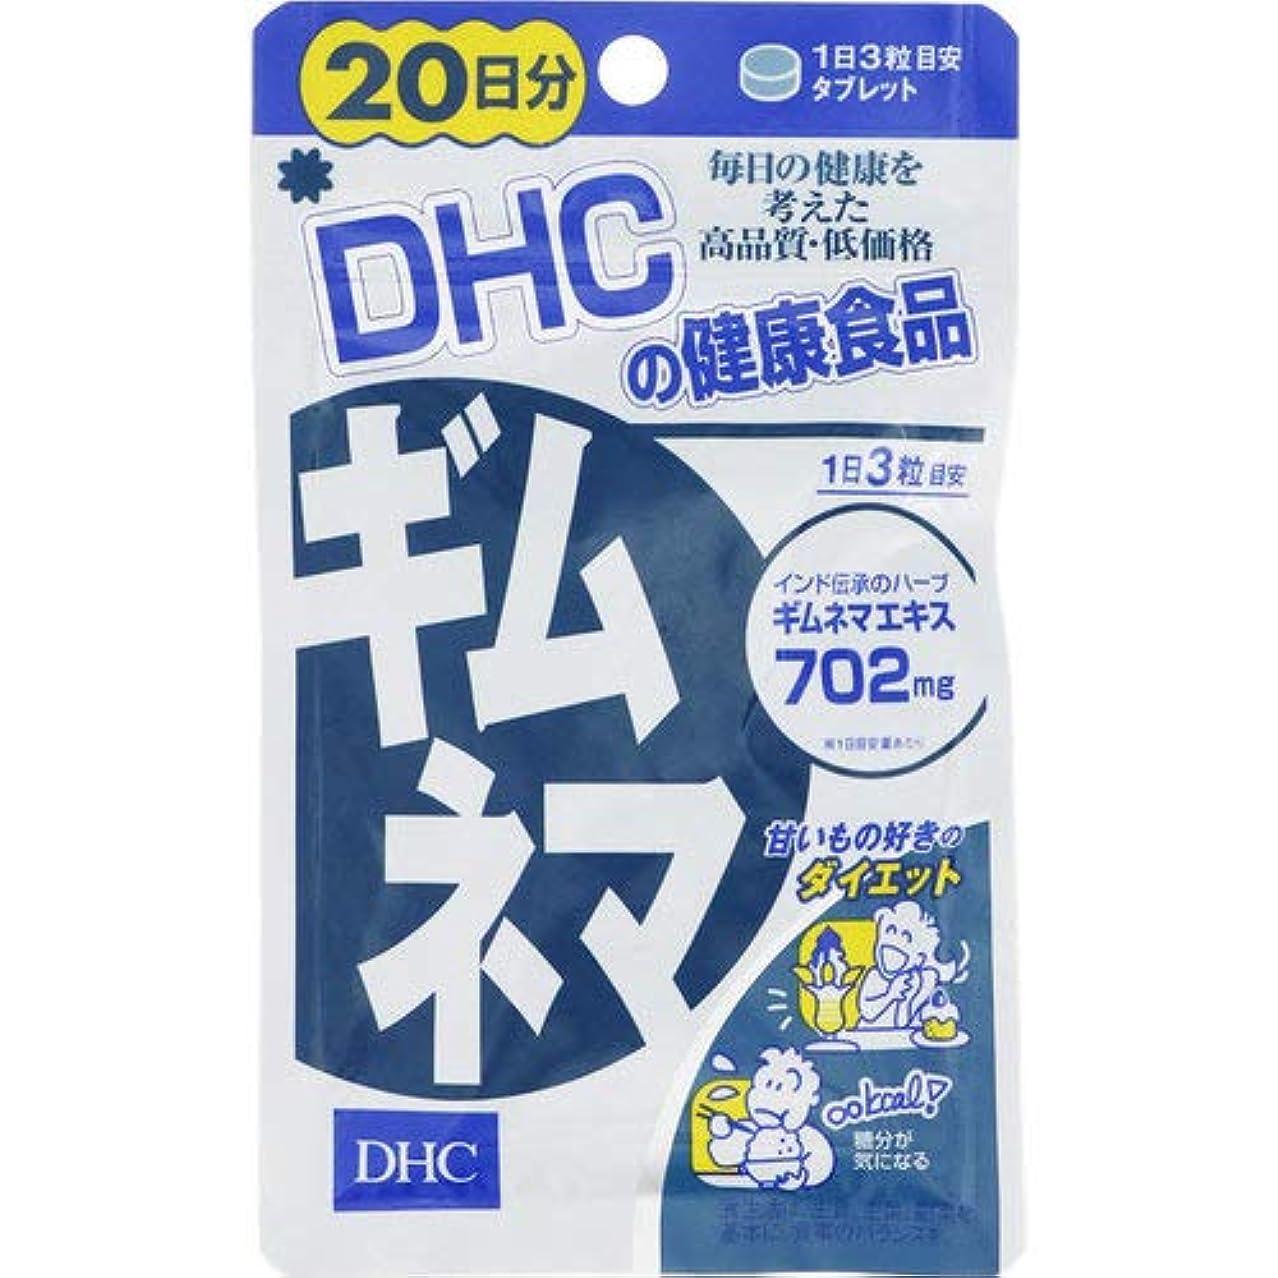 アクセスできないオデュッセウス廃止【DHC】ギムネマ 20日分 (60粒)